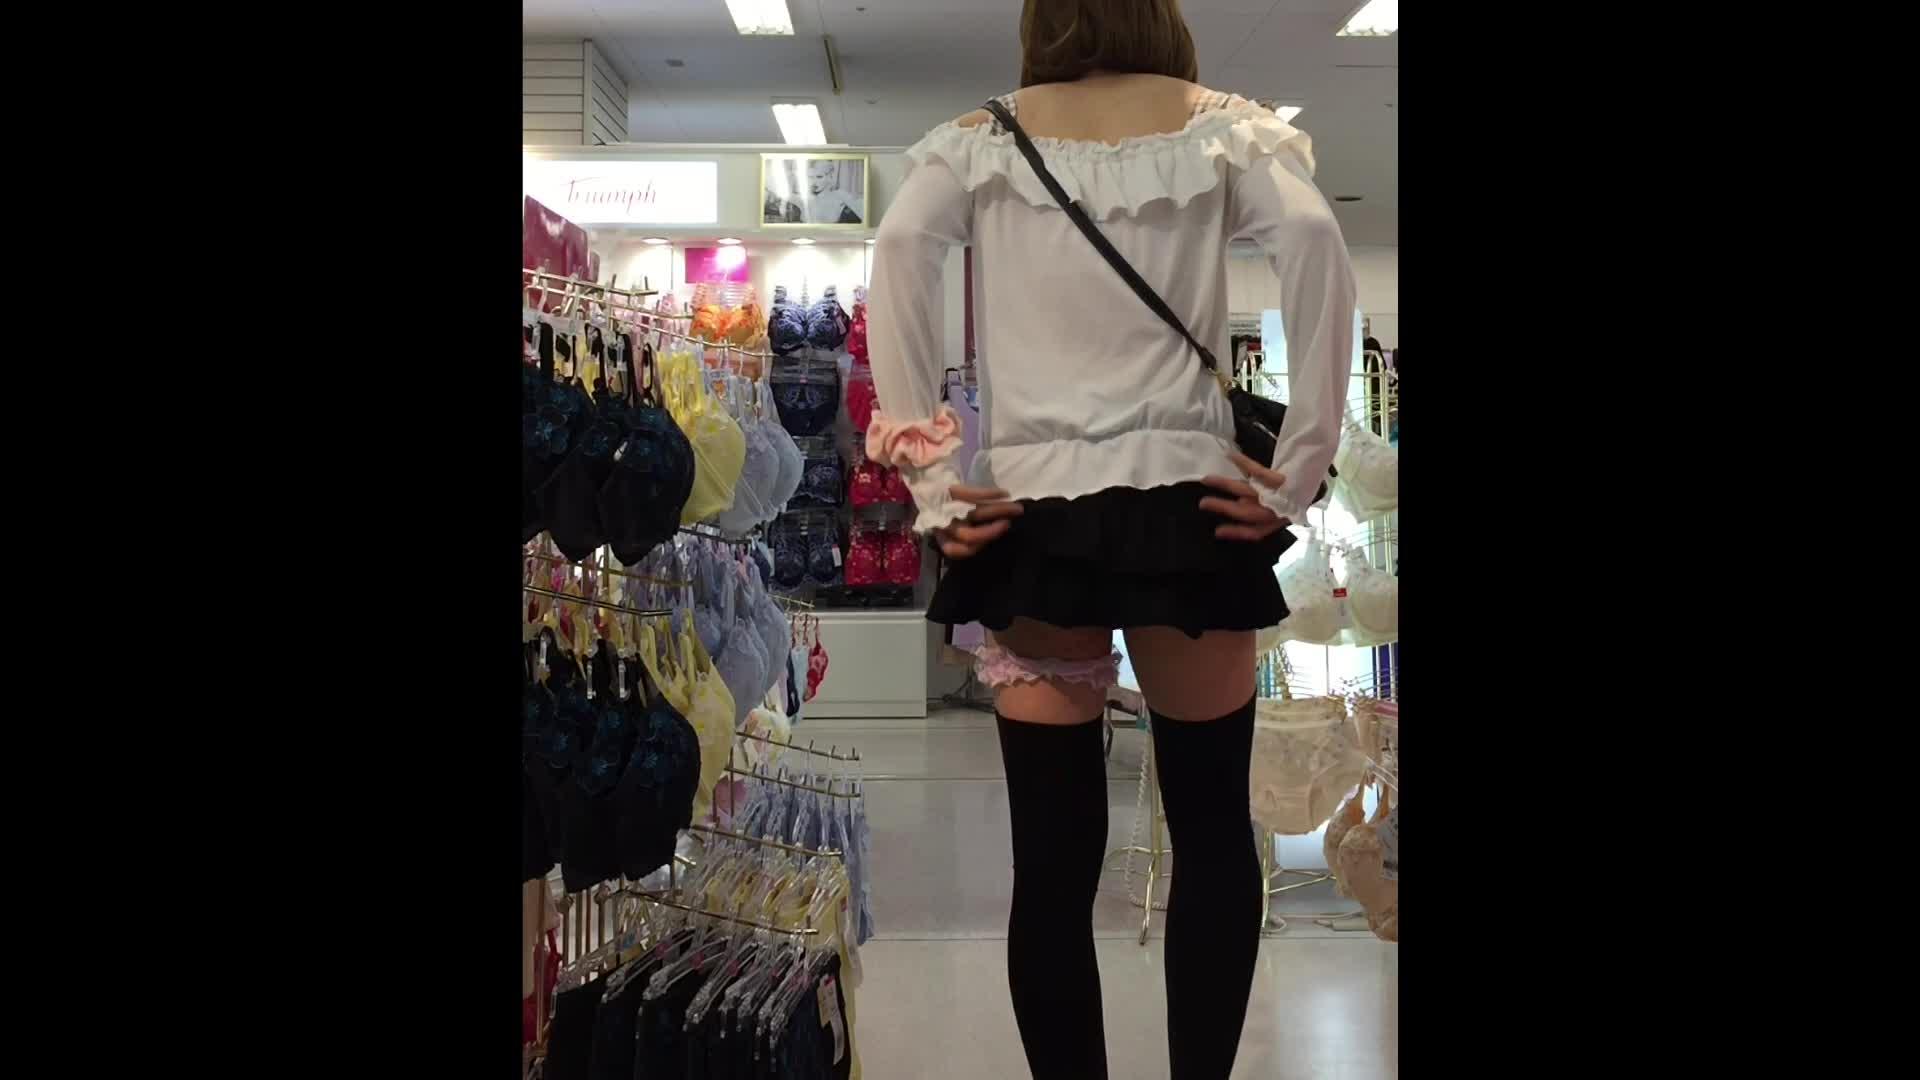 男の娘無修正動画 女装姿で下着売り場を俳諧